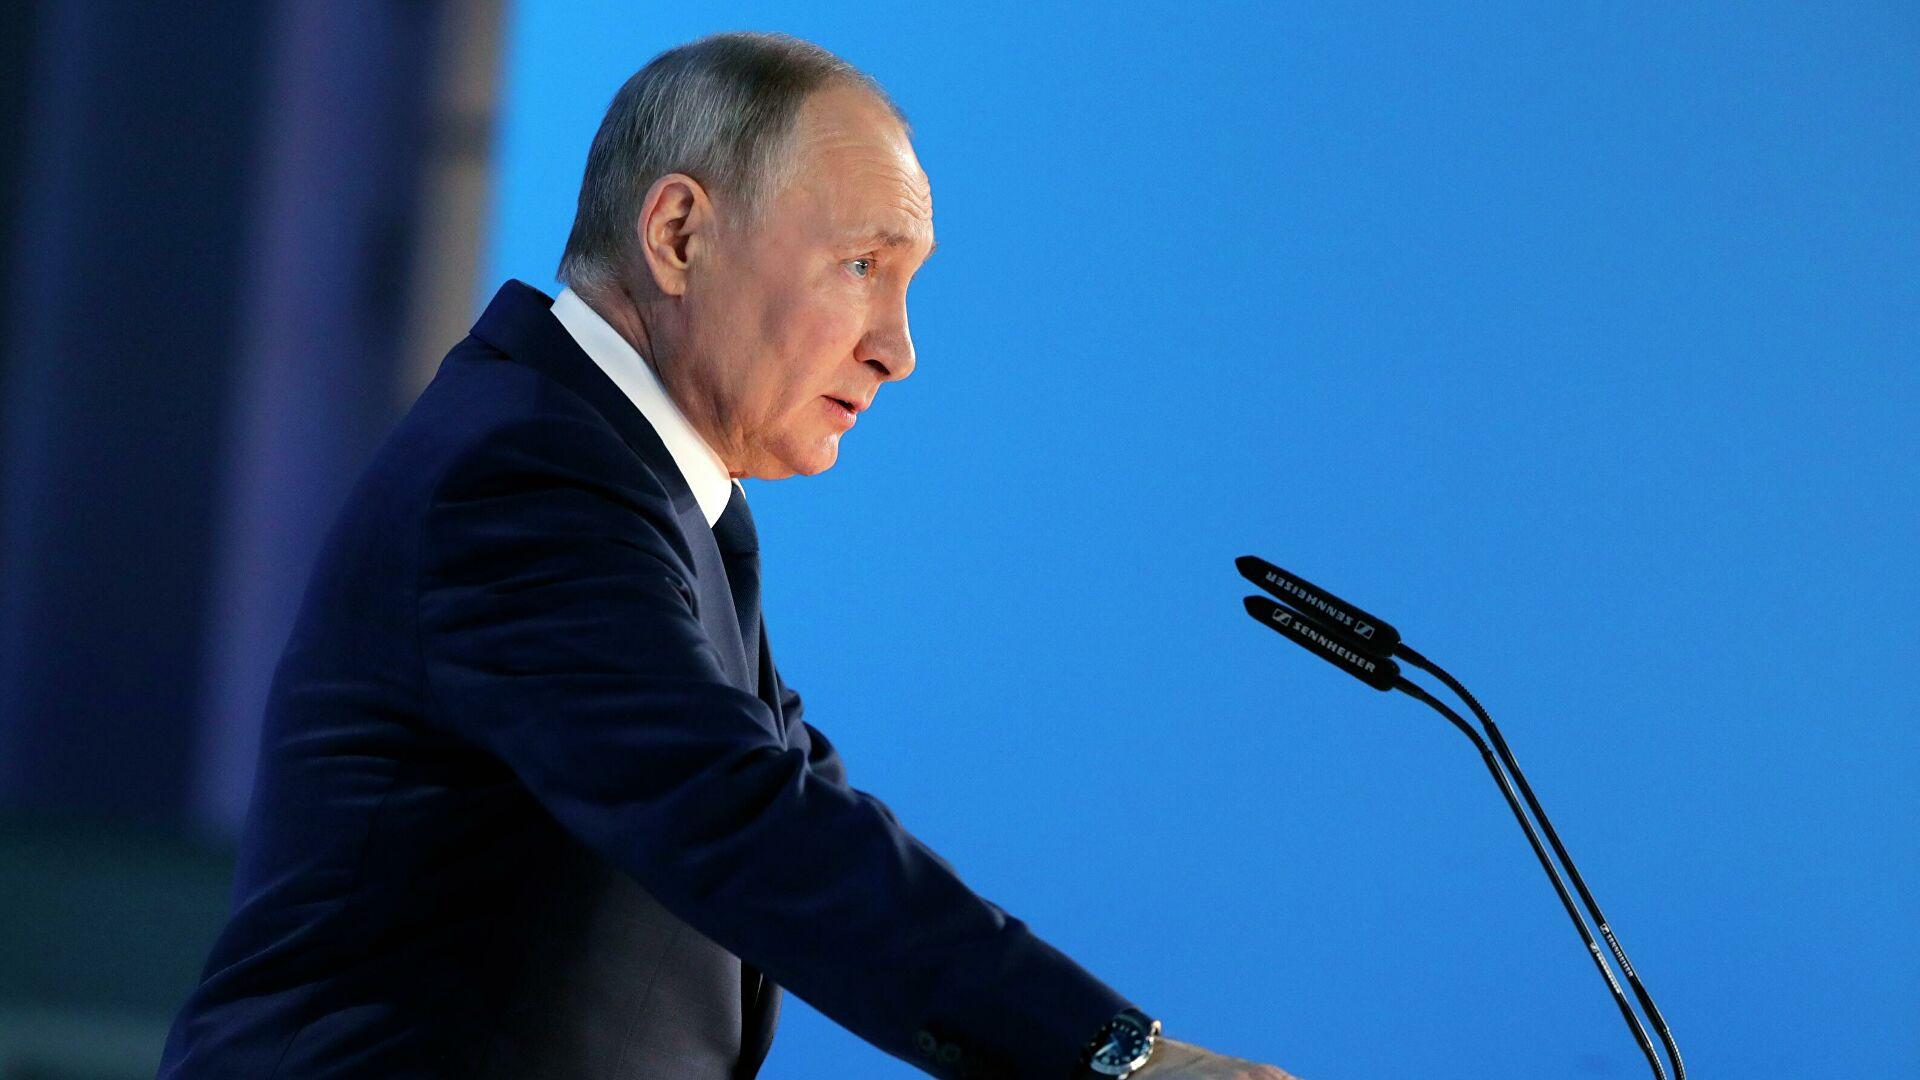 Putin: Rusija će uvek braniti tradicionalne vrednosti koje su zaboravljene u nizu zemalja